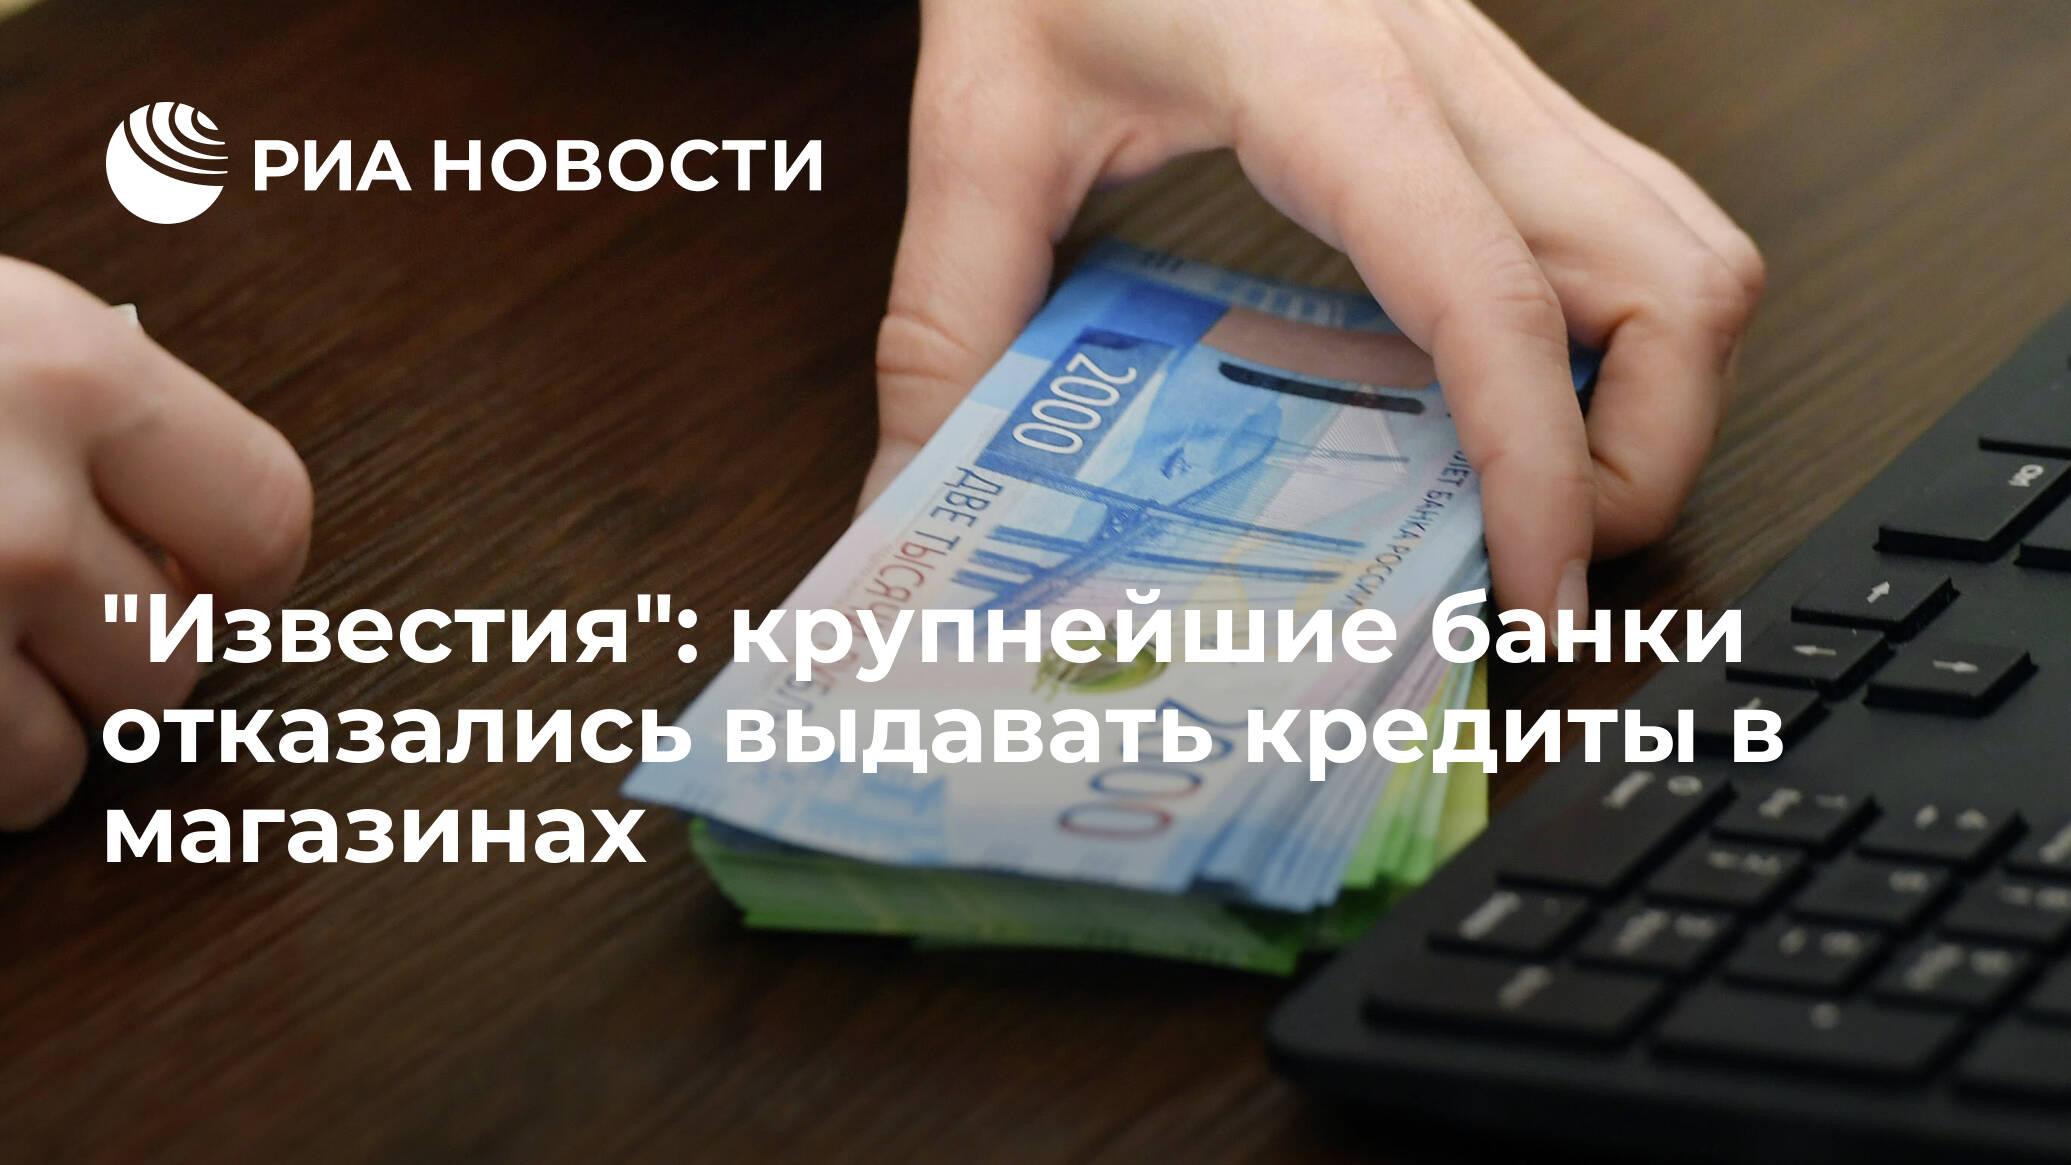 давать кредиты в магазинах